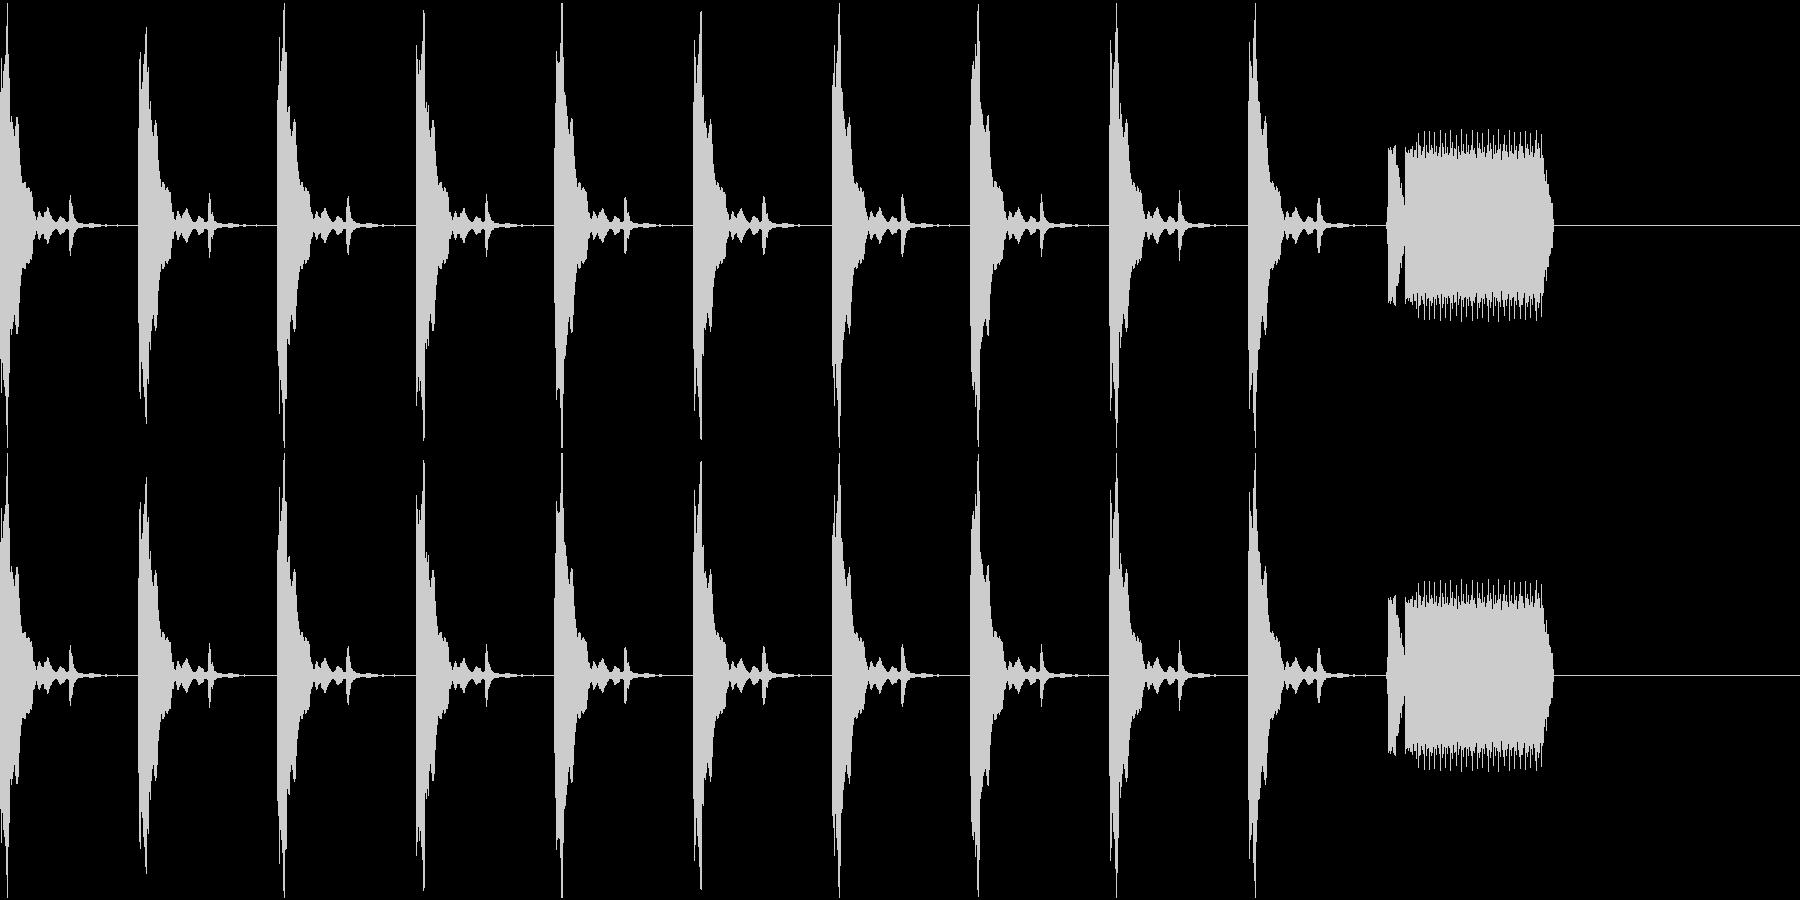 カウントダウン10秒チクタク+ホイッスルの未再生の波形